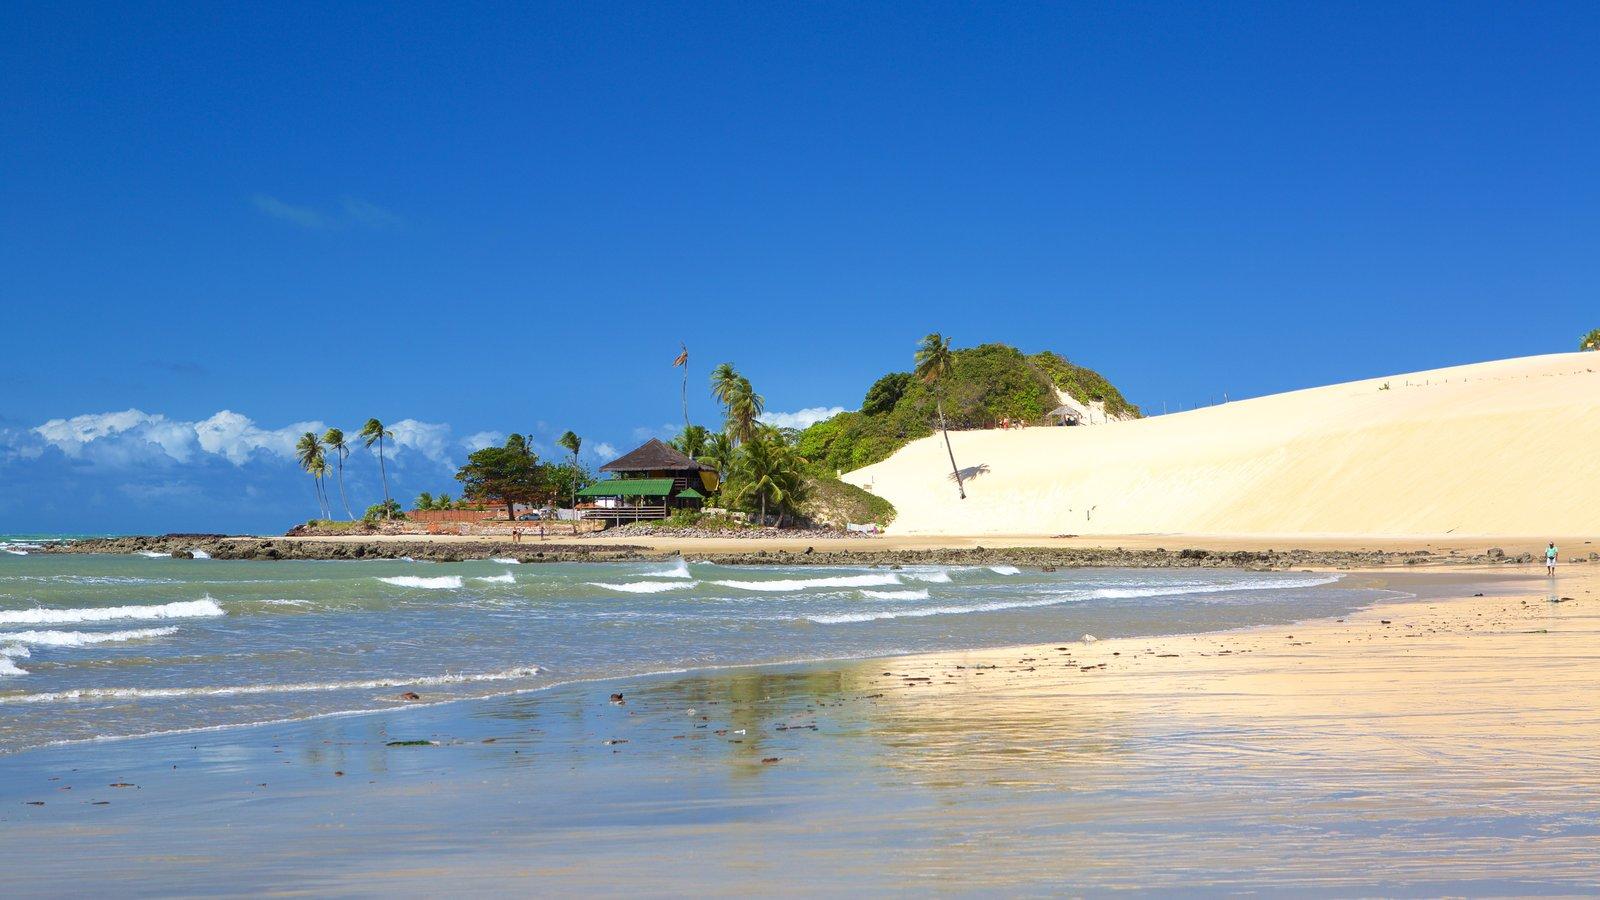 Praia de Genipabú mostrando paisagens litorâneas, uma praia de areia e cenas tropicais